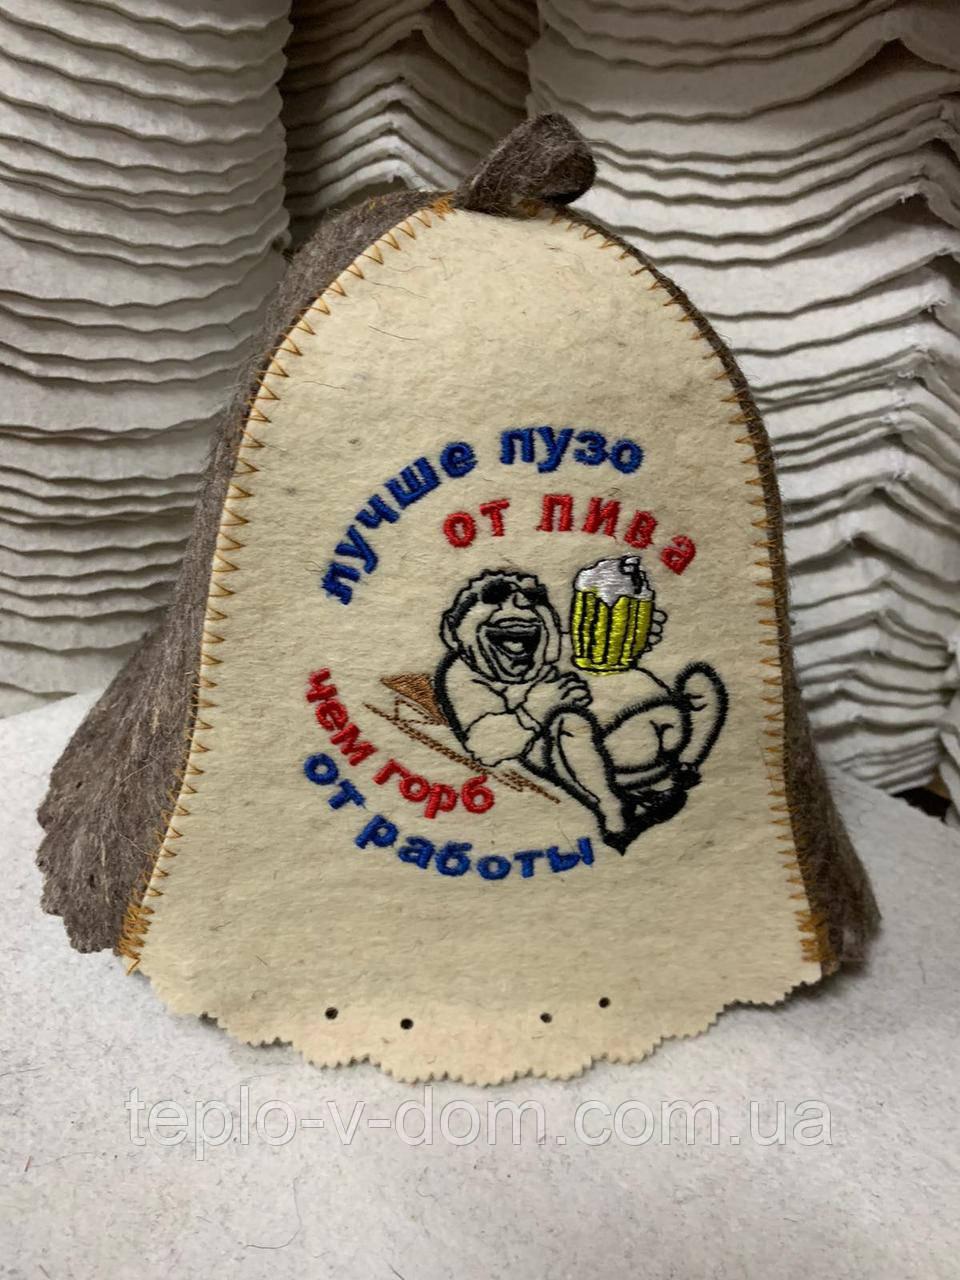 """Шапка для бани  """"лучше пузо от пива чем горб от работы"""""""